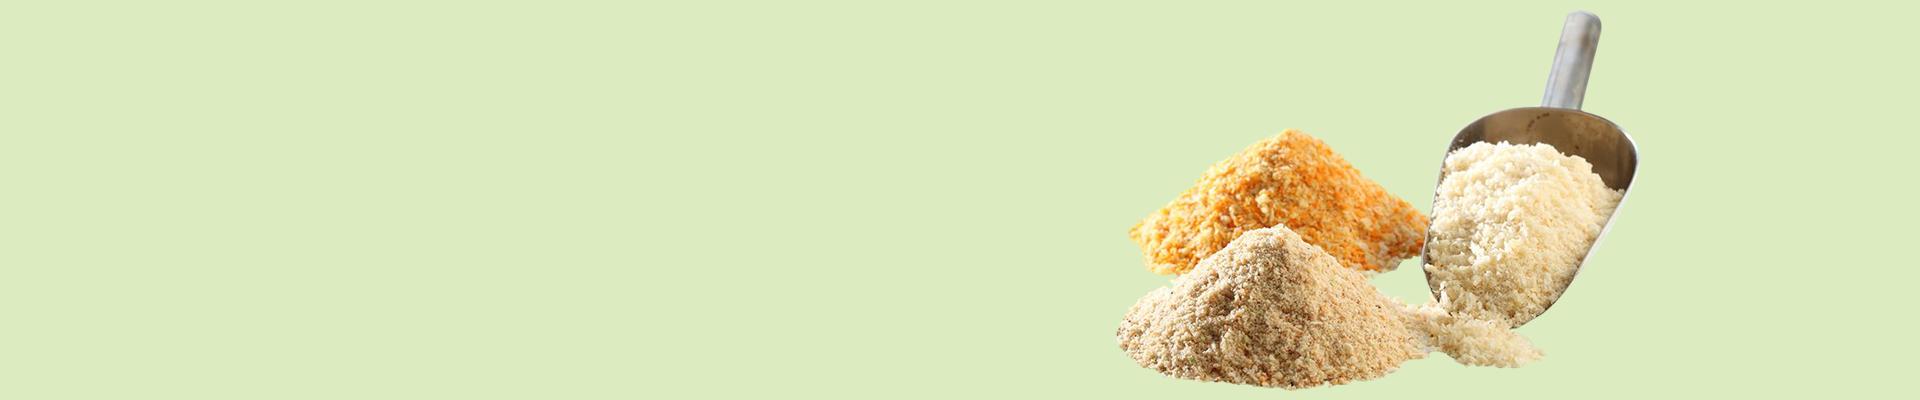 Jual Tepung Roti - Panir Terbaik - Harga Murah Online